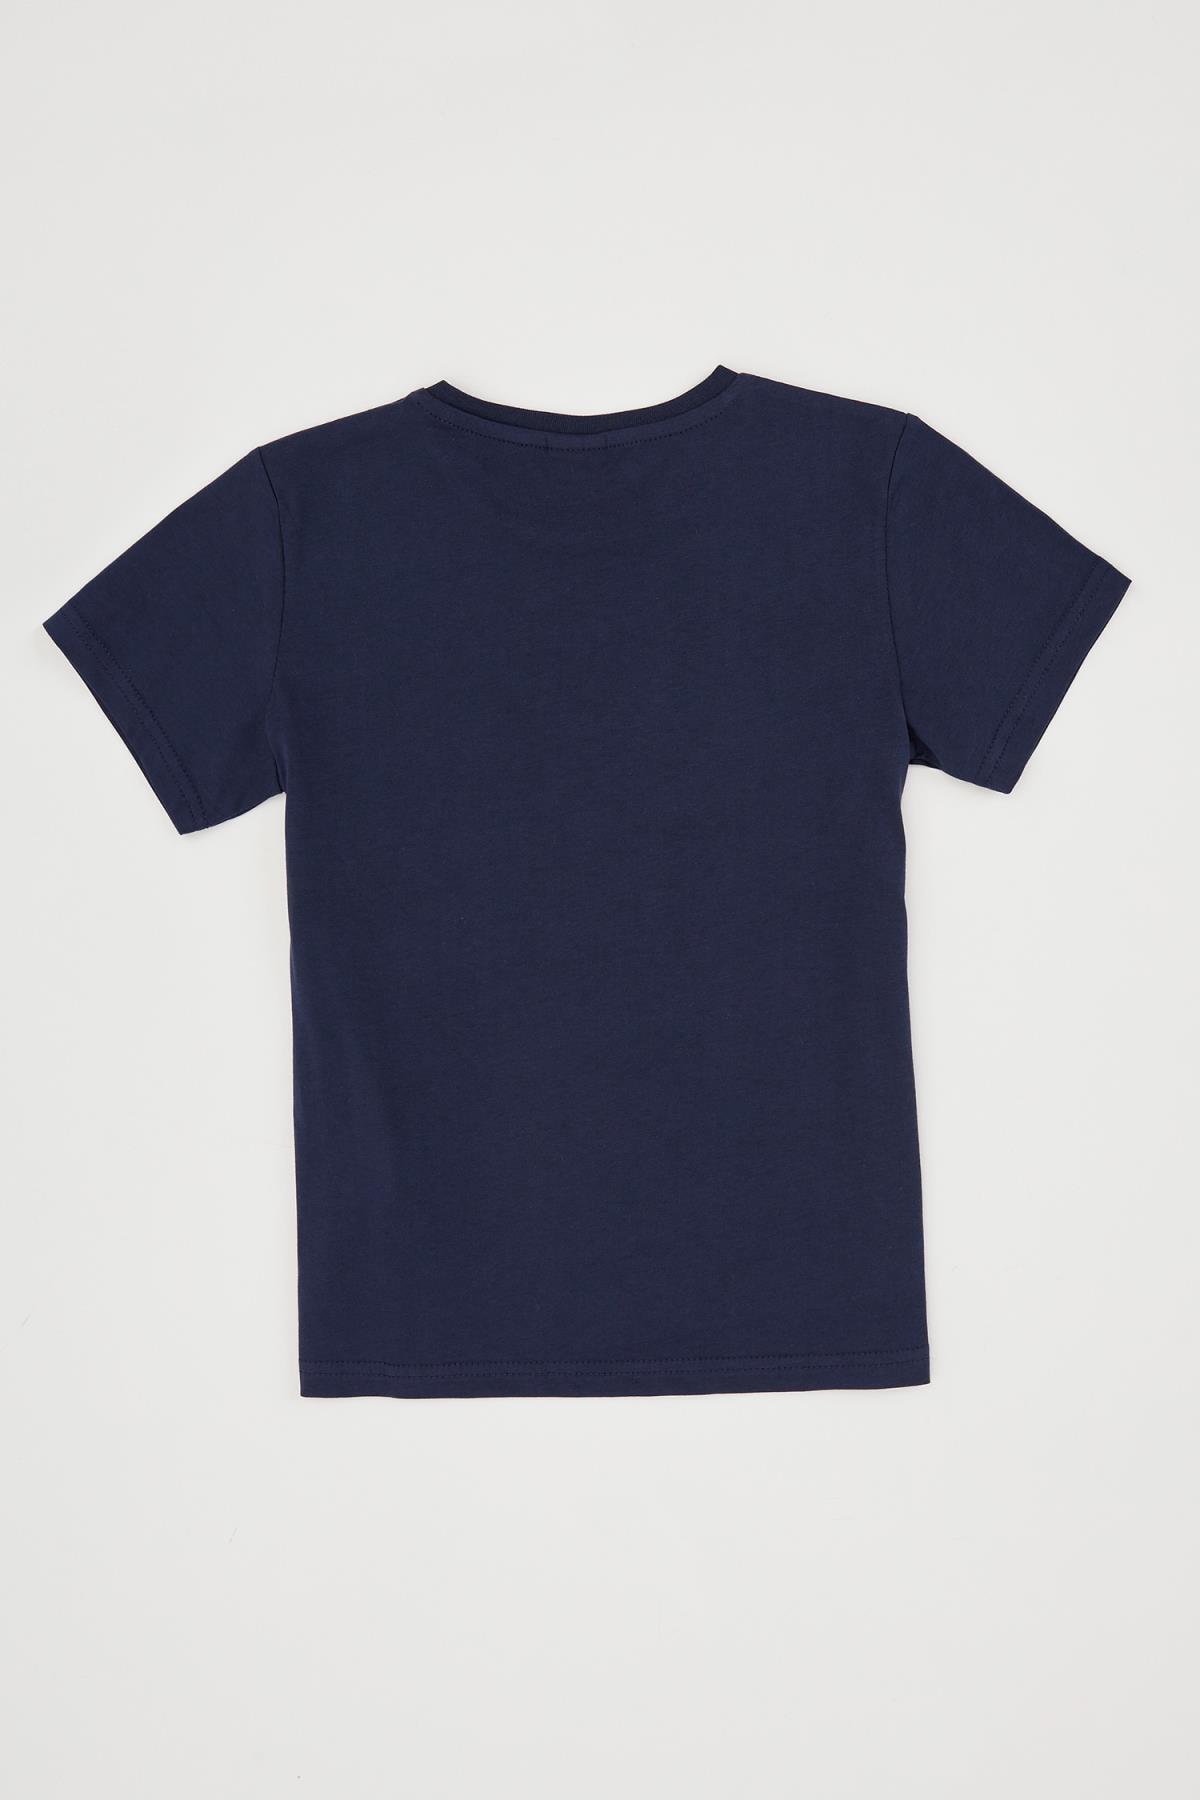 Defacto Erkek Çocuk Palmiye Baskılı Bisiklet Yaka Pamuklu Tişört 1